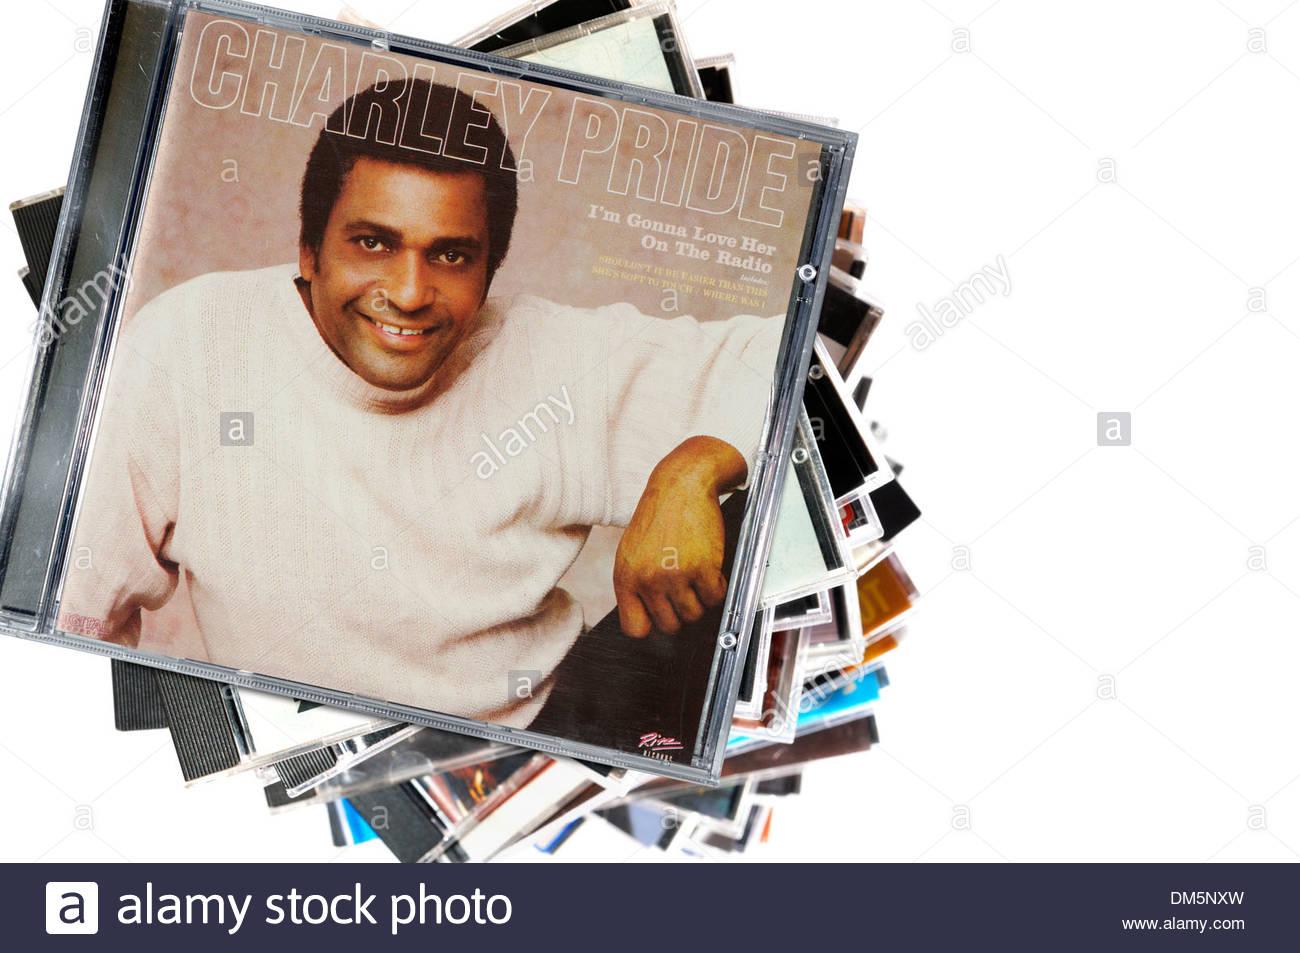 Charley Pride album mi stupirà il suo amore alla radio e impilate CD musicale casi, Inghilterra Immagini Stock